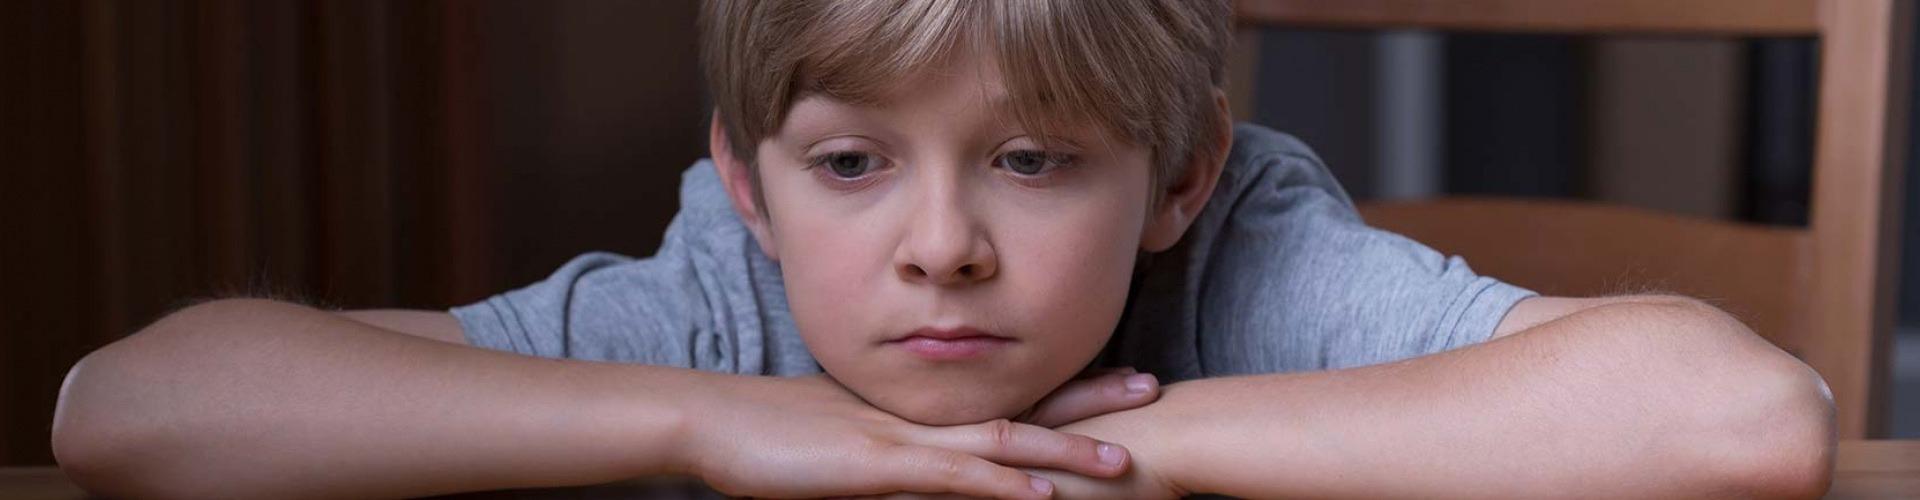 Gyermekkorunk keserű sérelmei